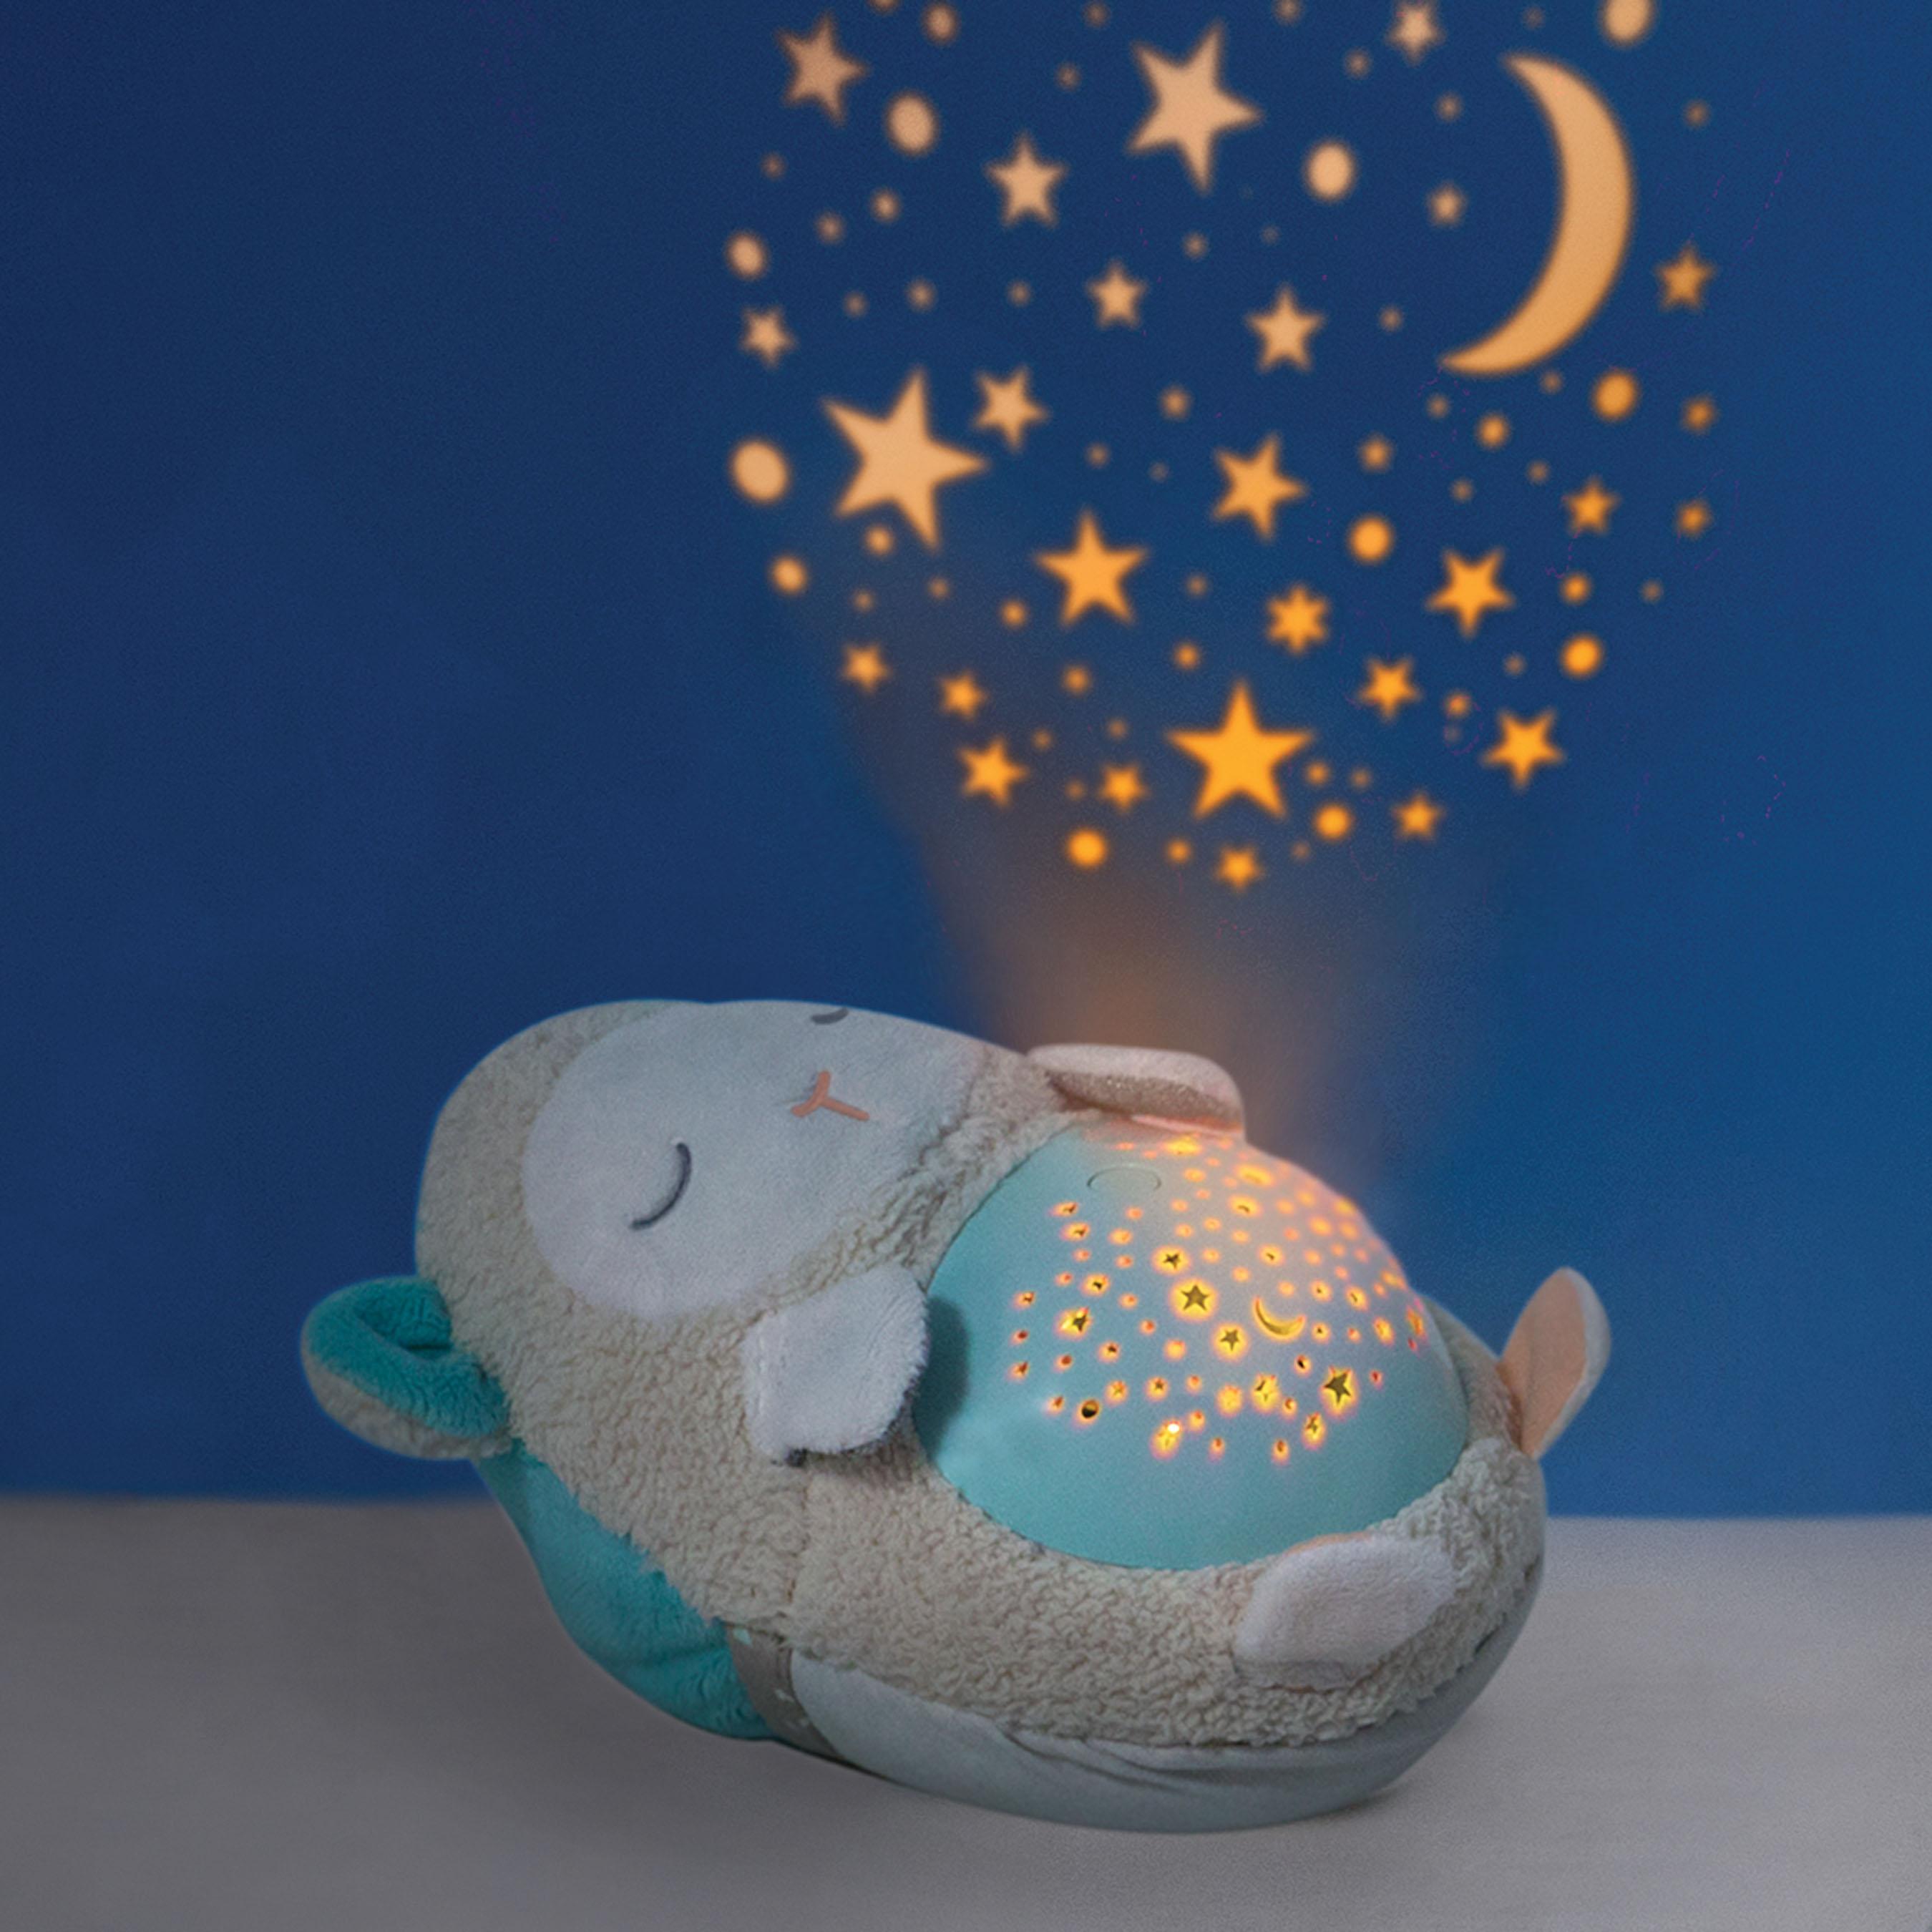 בובת כבשה חיבוקי מרגיע